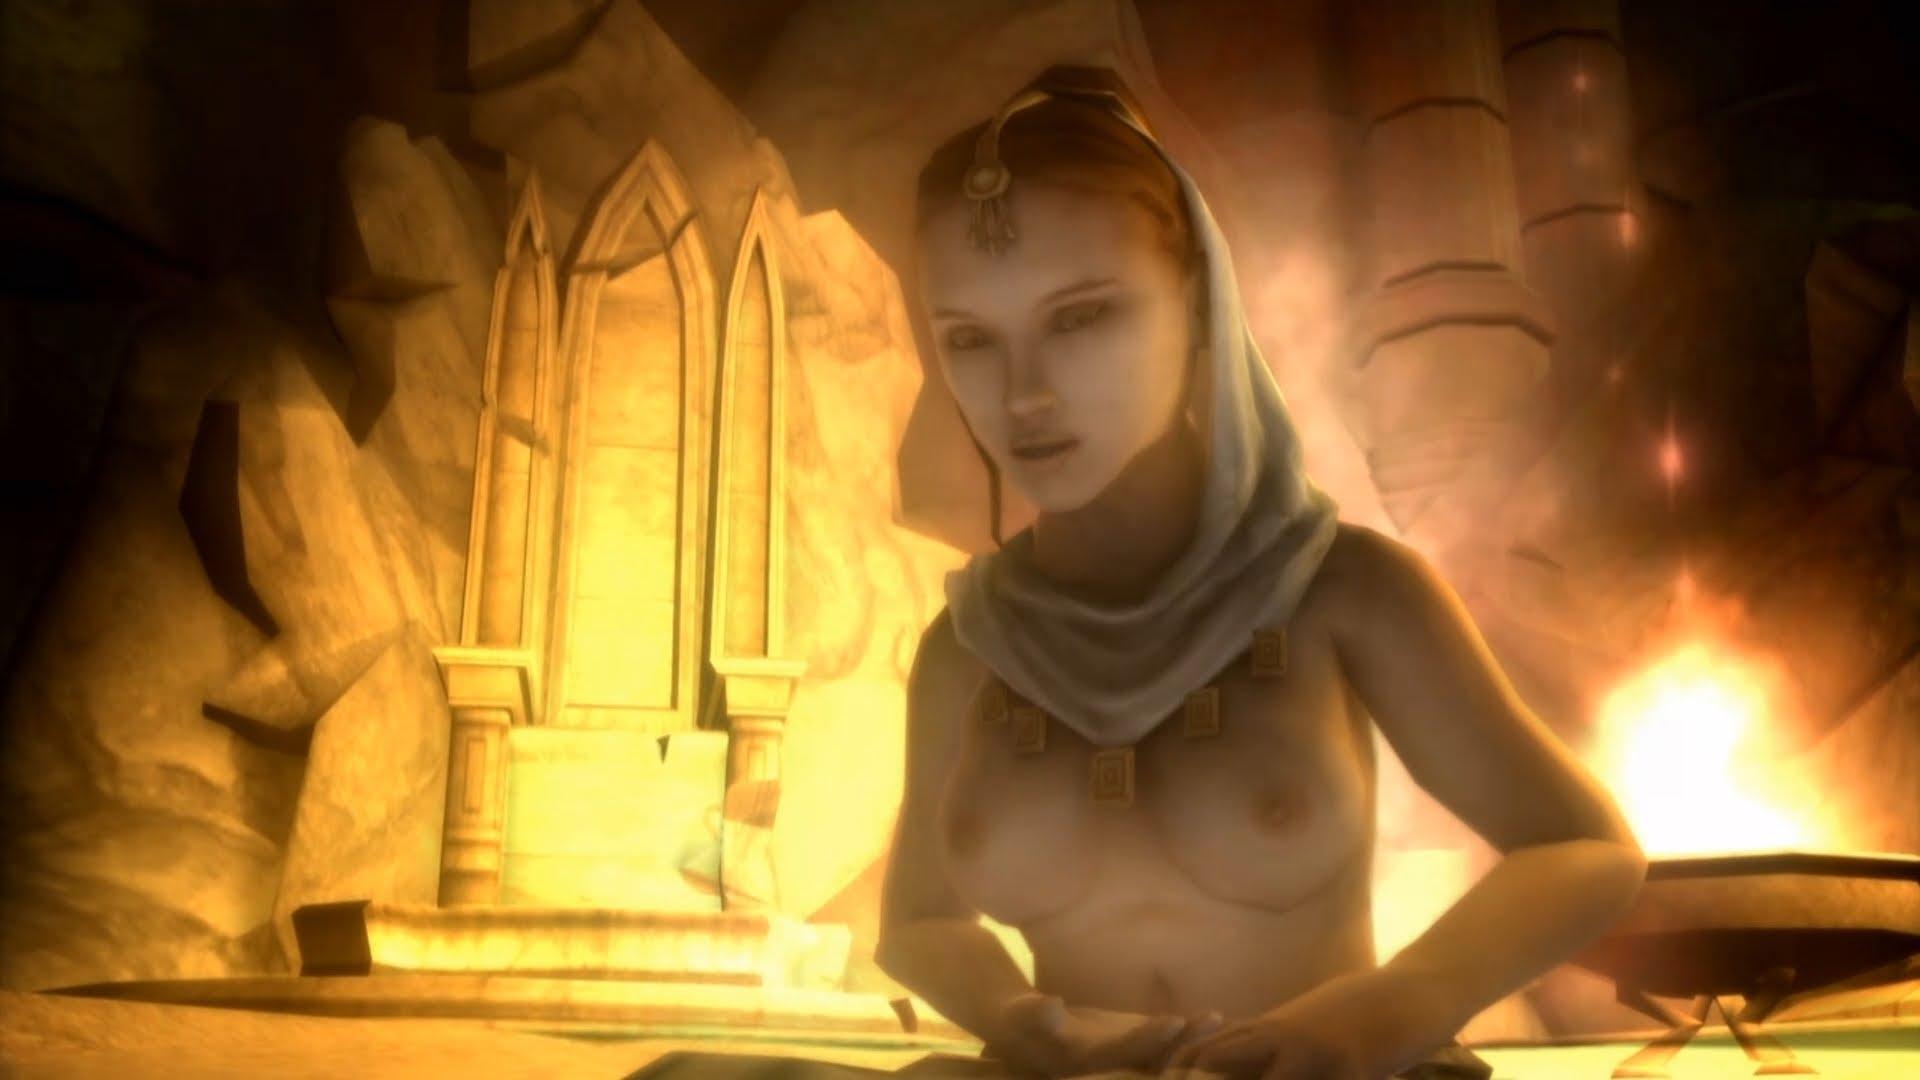 Lationo blowjob god wars series nudity evil dom